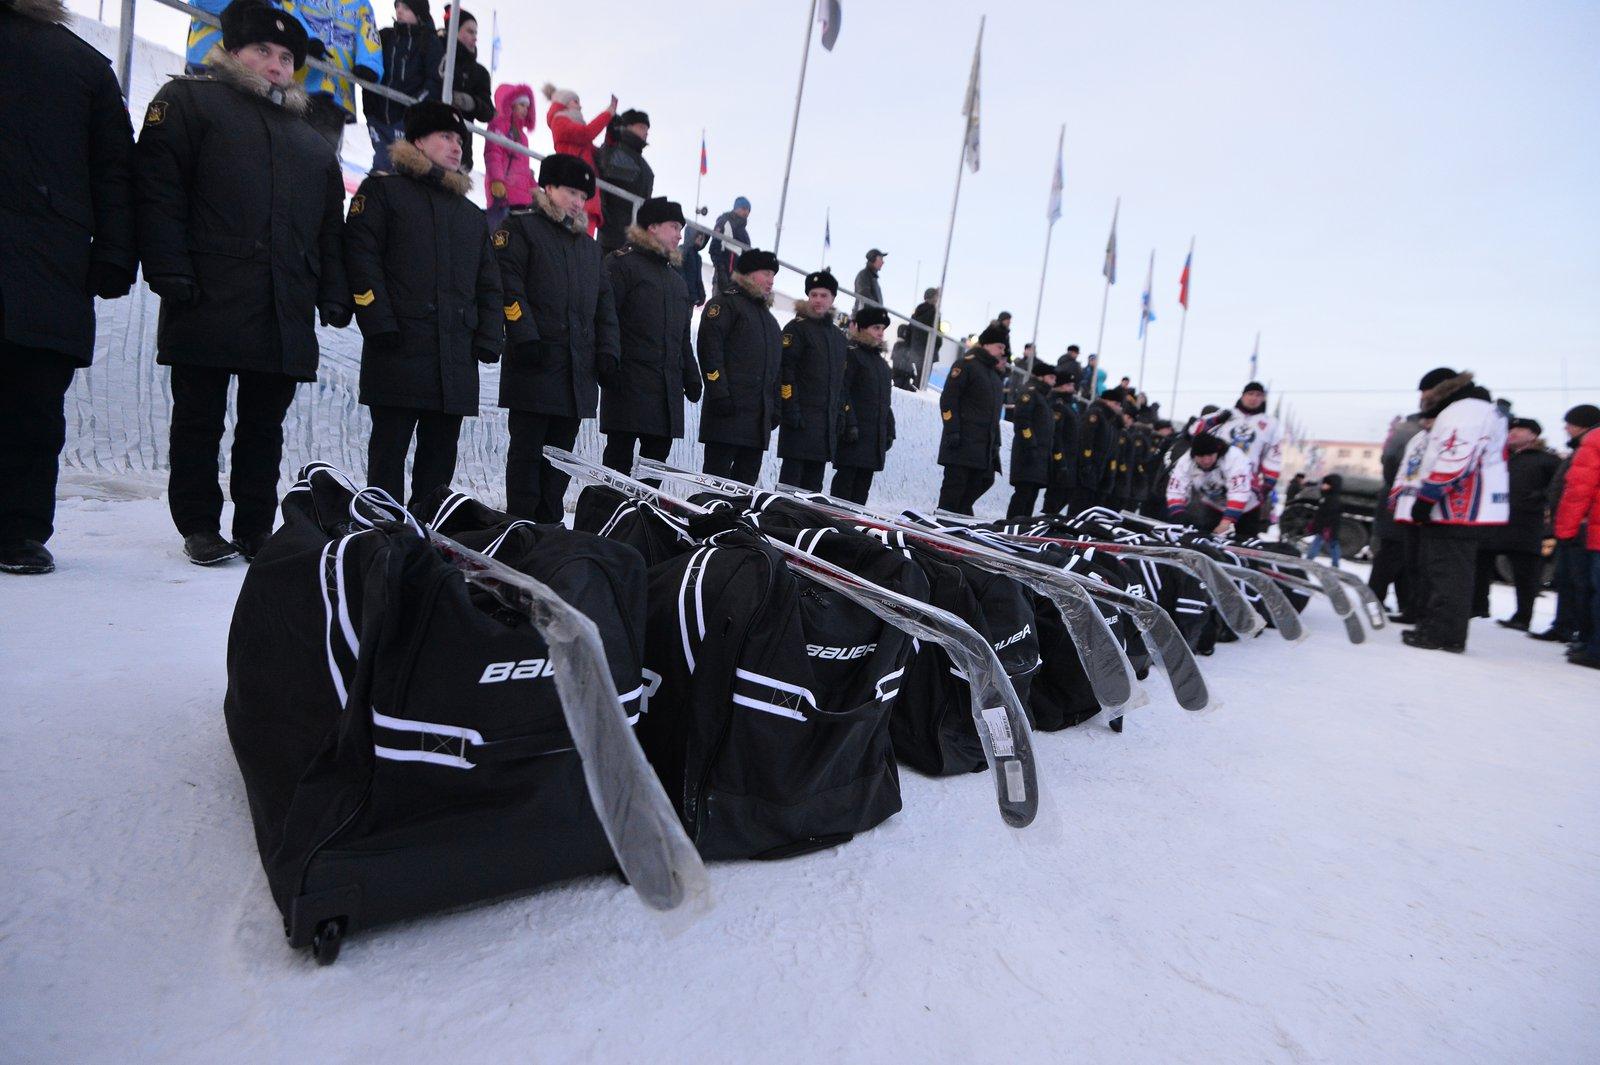 Андрей Воробьев губернатор московской области - Скрестили клюшки: «Легенды хоккея» VS Северный флот